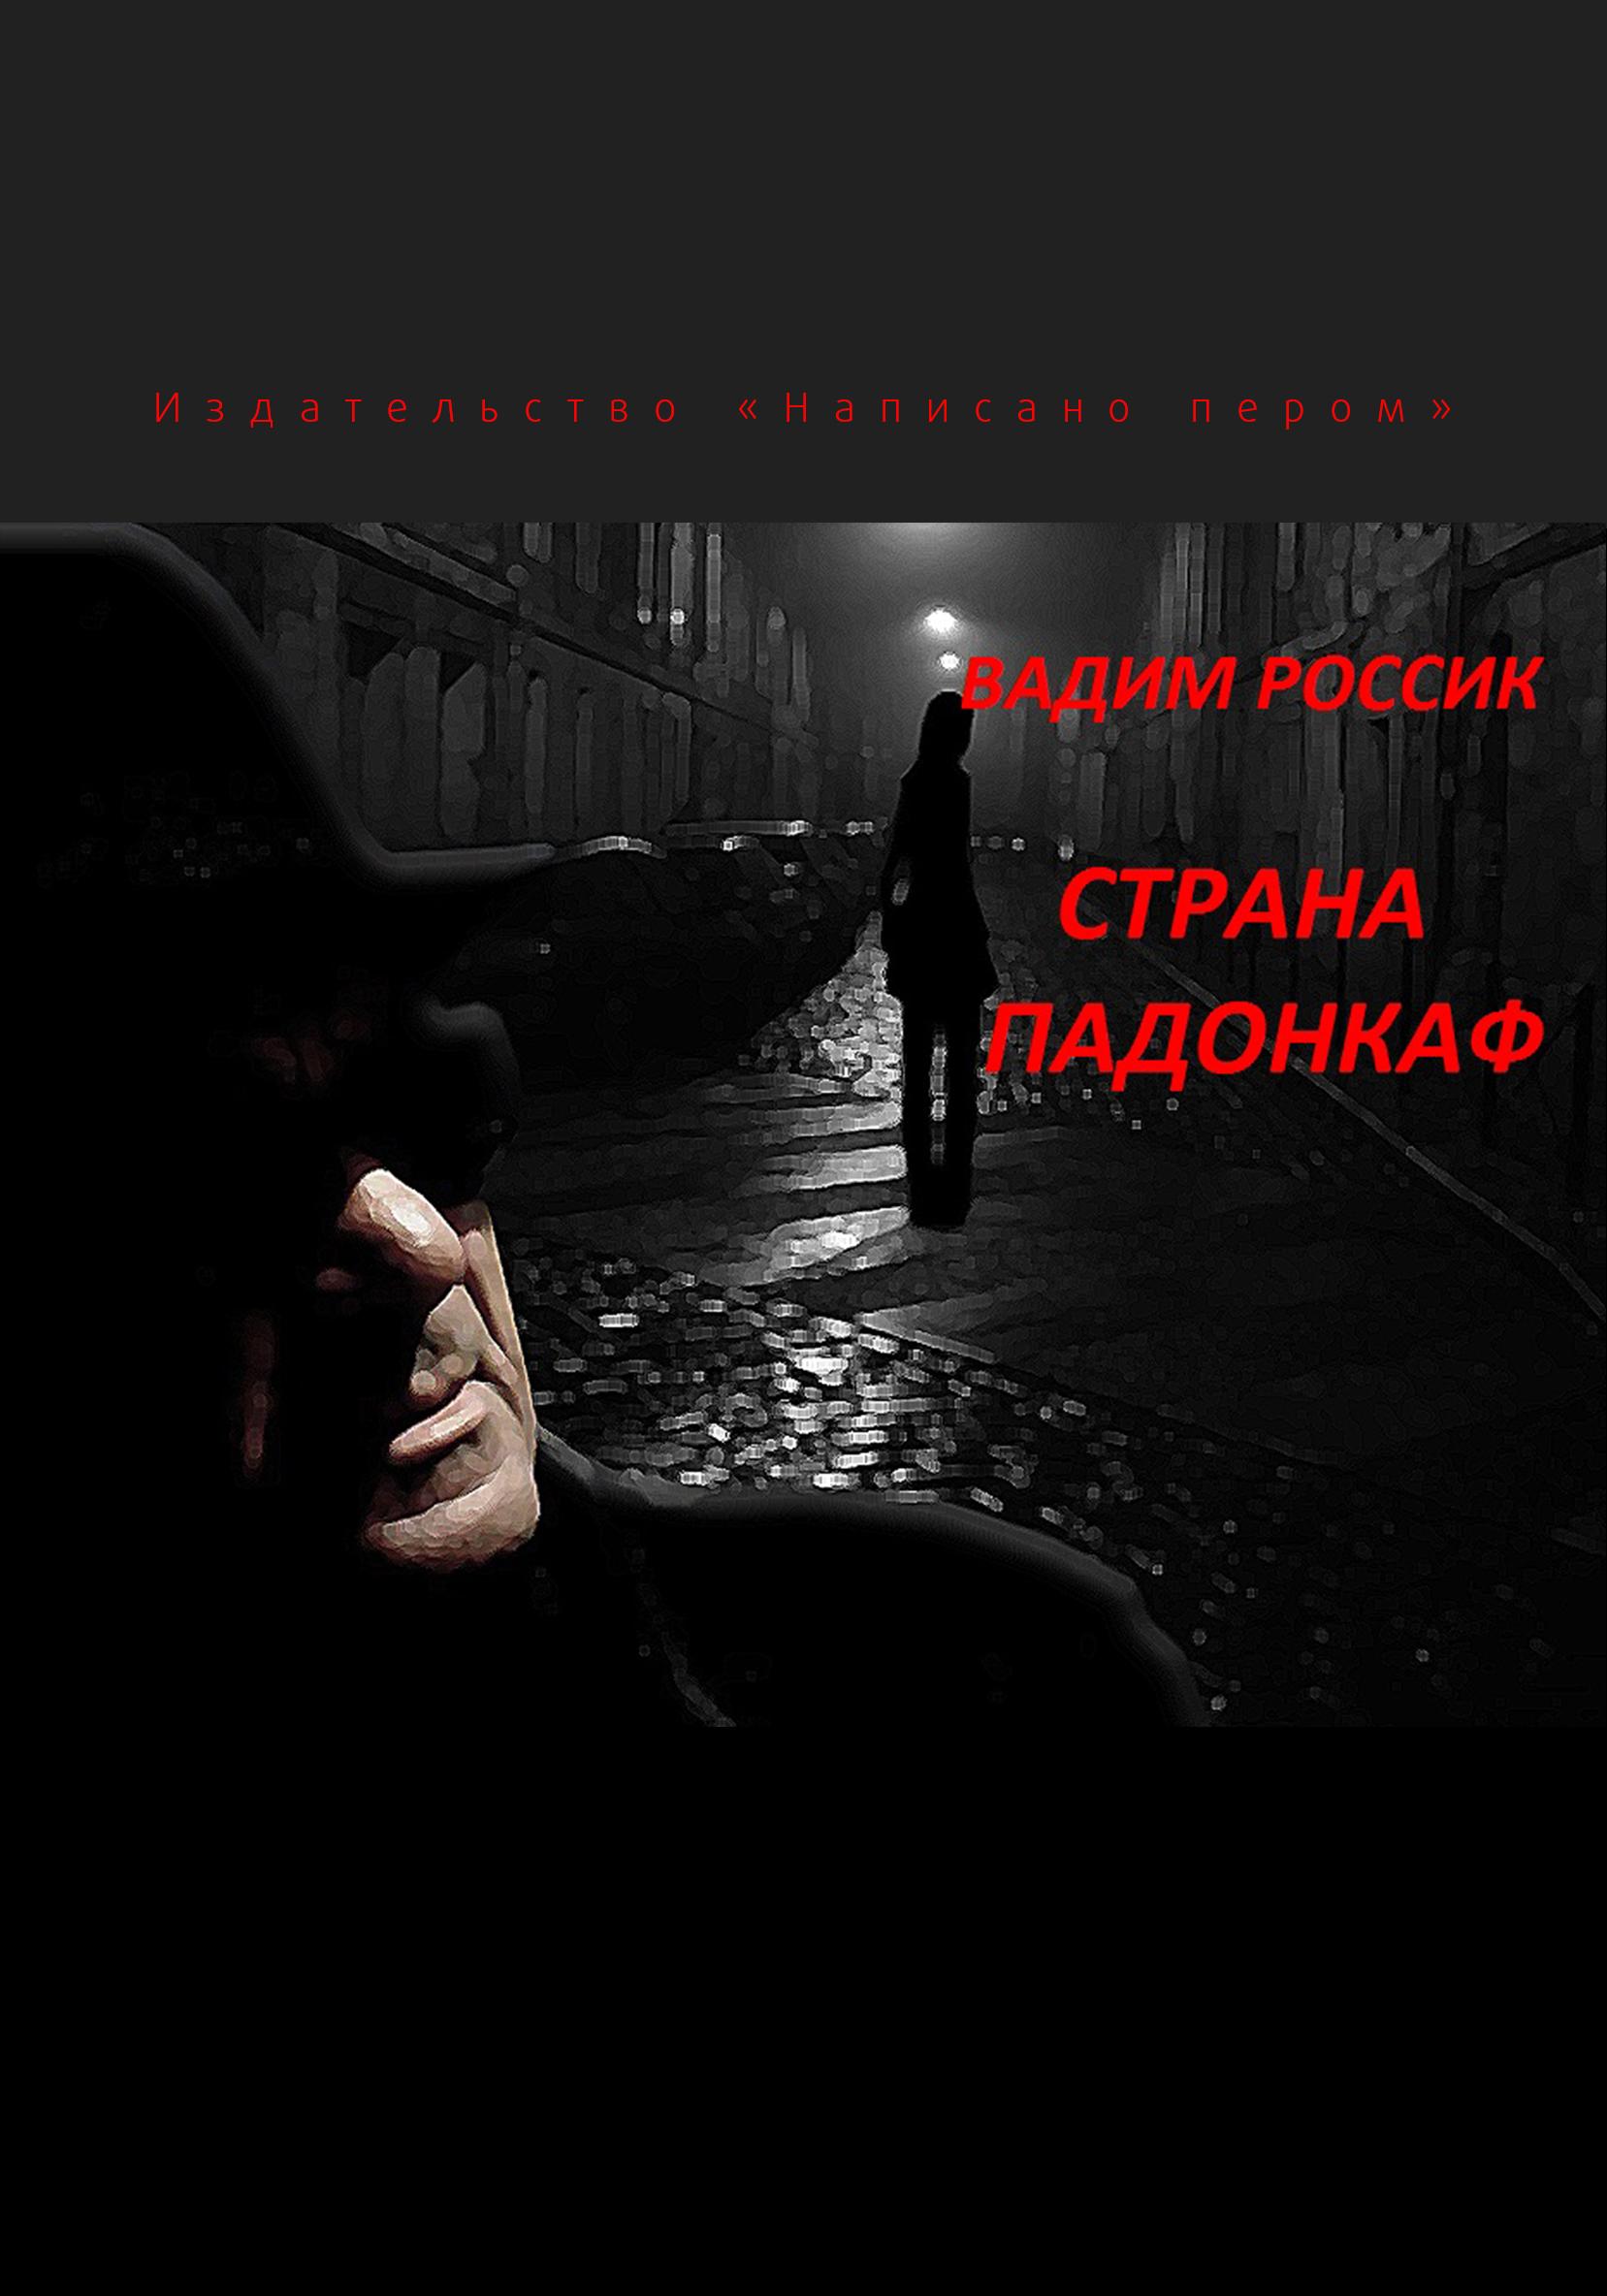 Скачать Страна падонкаф бесплатно Вадим Россик